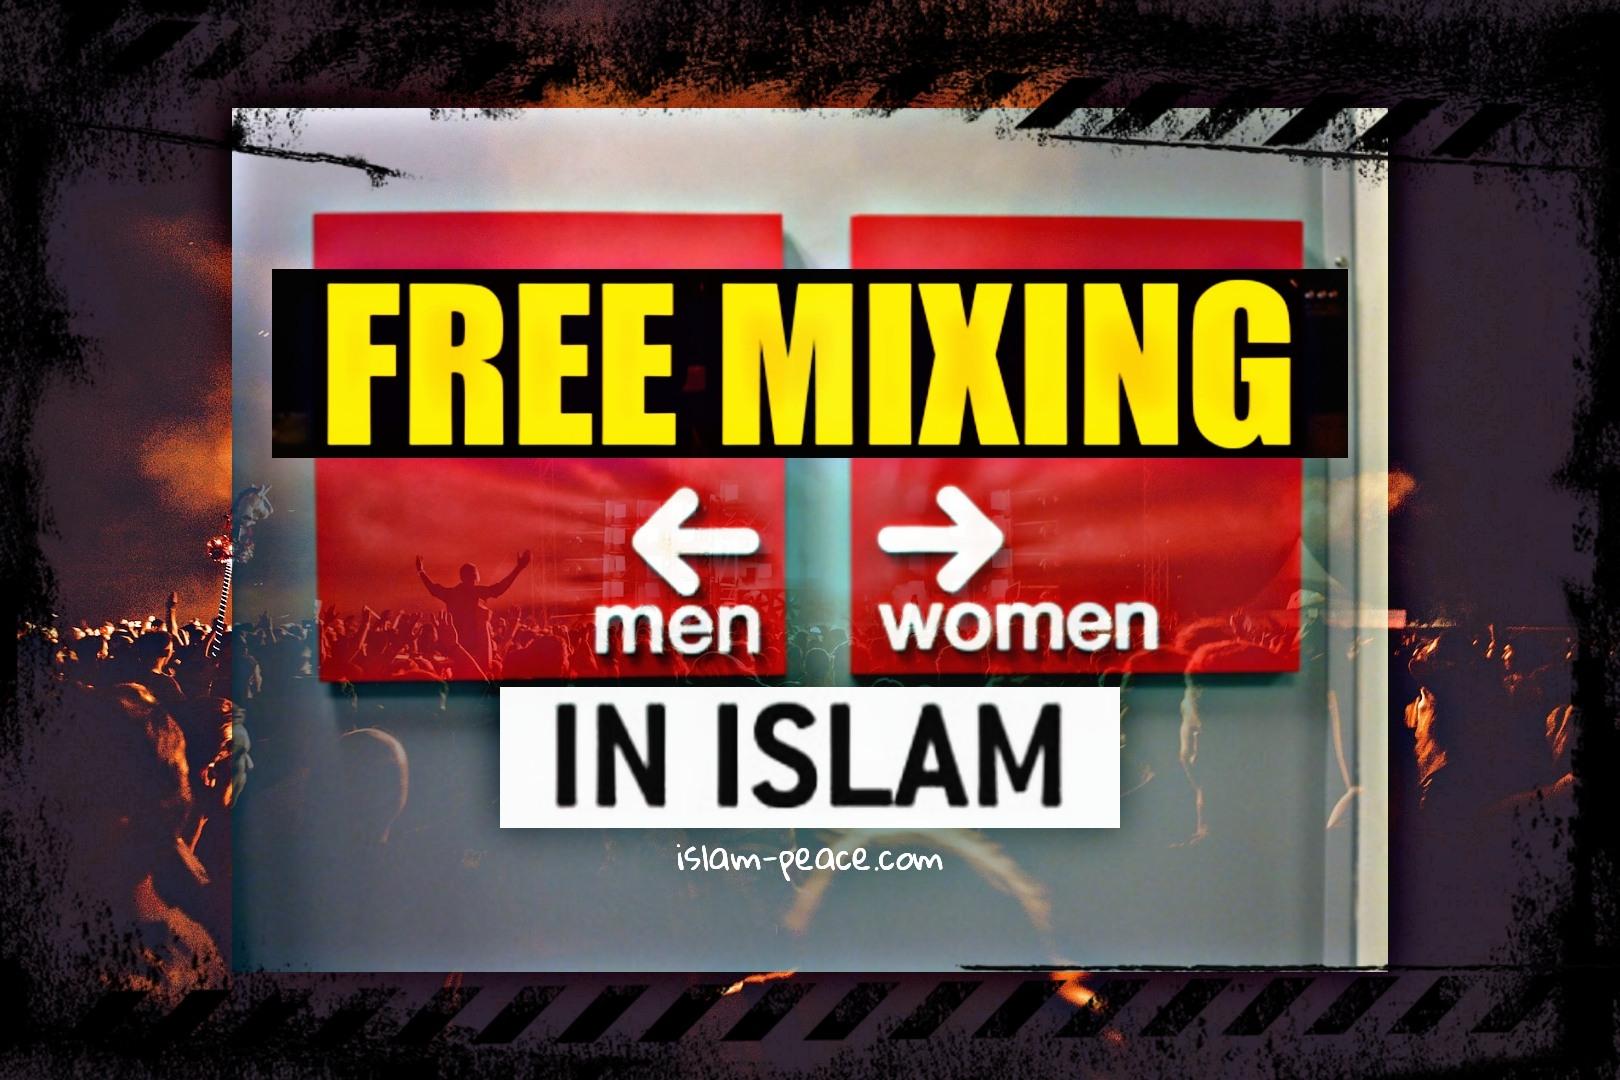 free mixing